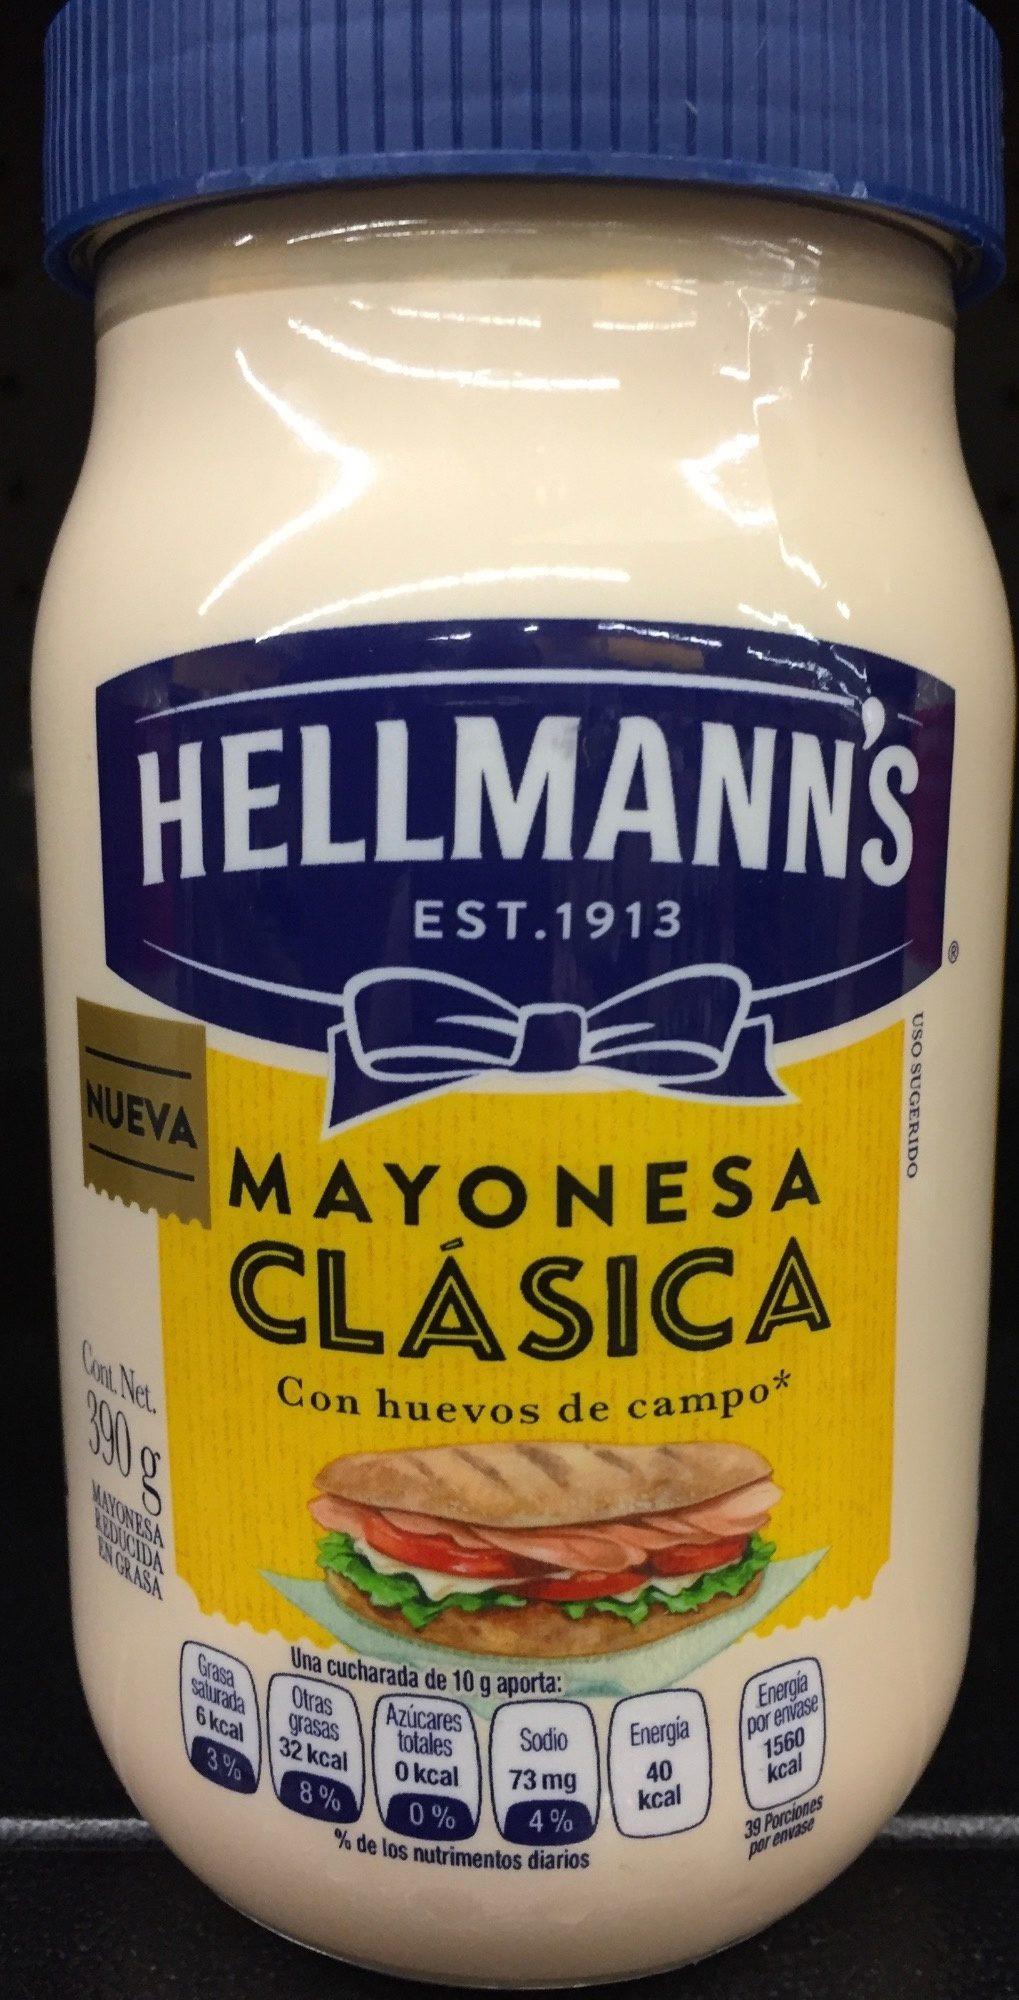 Mayonesa Clásica Hellmann's - Produit - es